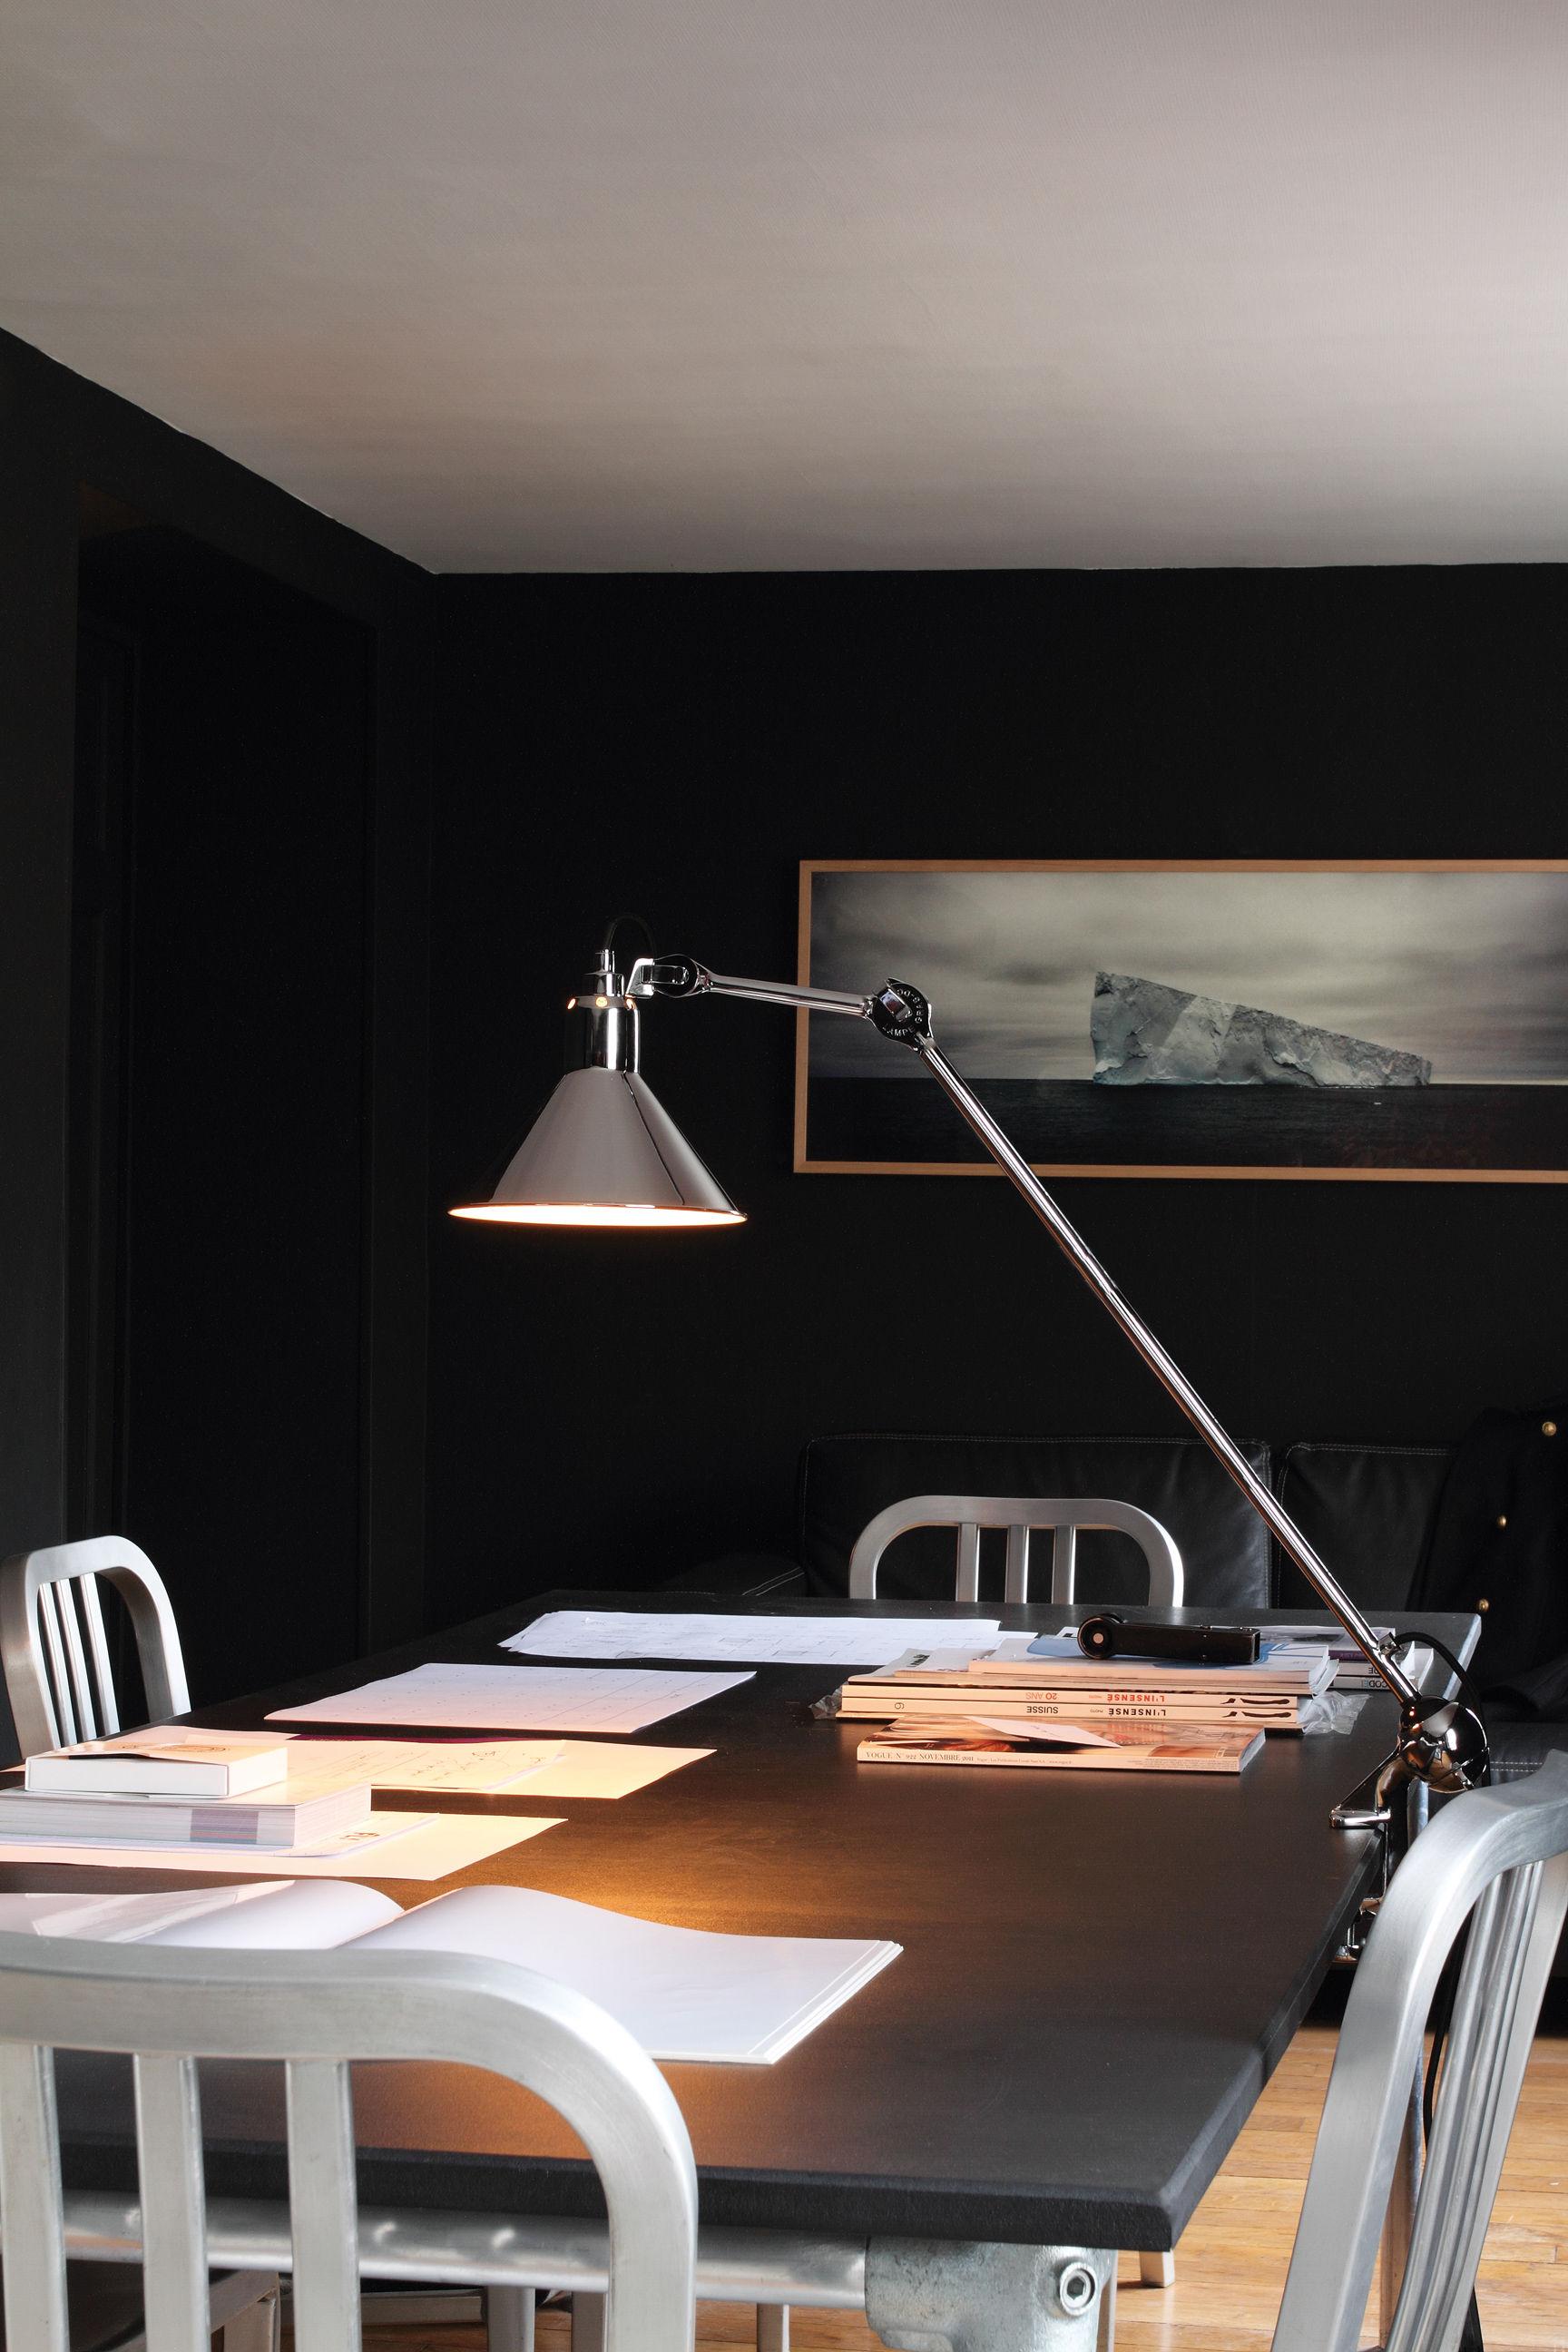 lampe d 39 architecte n 201 base tau lampe gras abat jour rouge bras noir dcw ditions. Black Bedroom Furniture Sets. Home Design Ideas